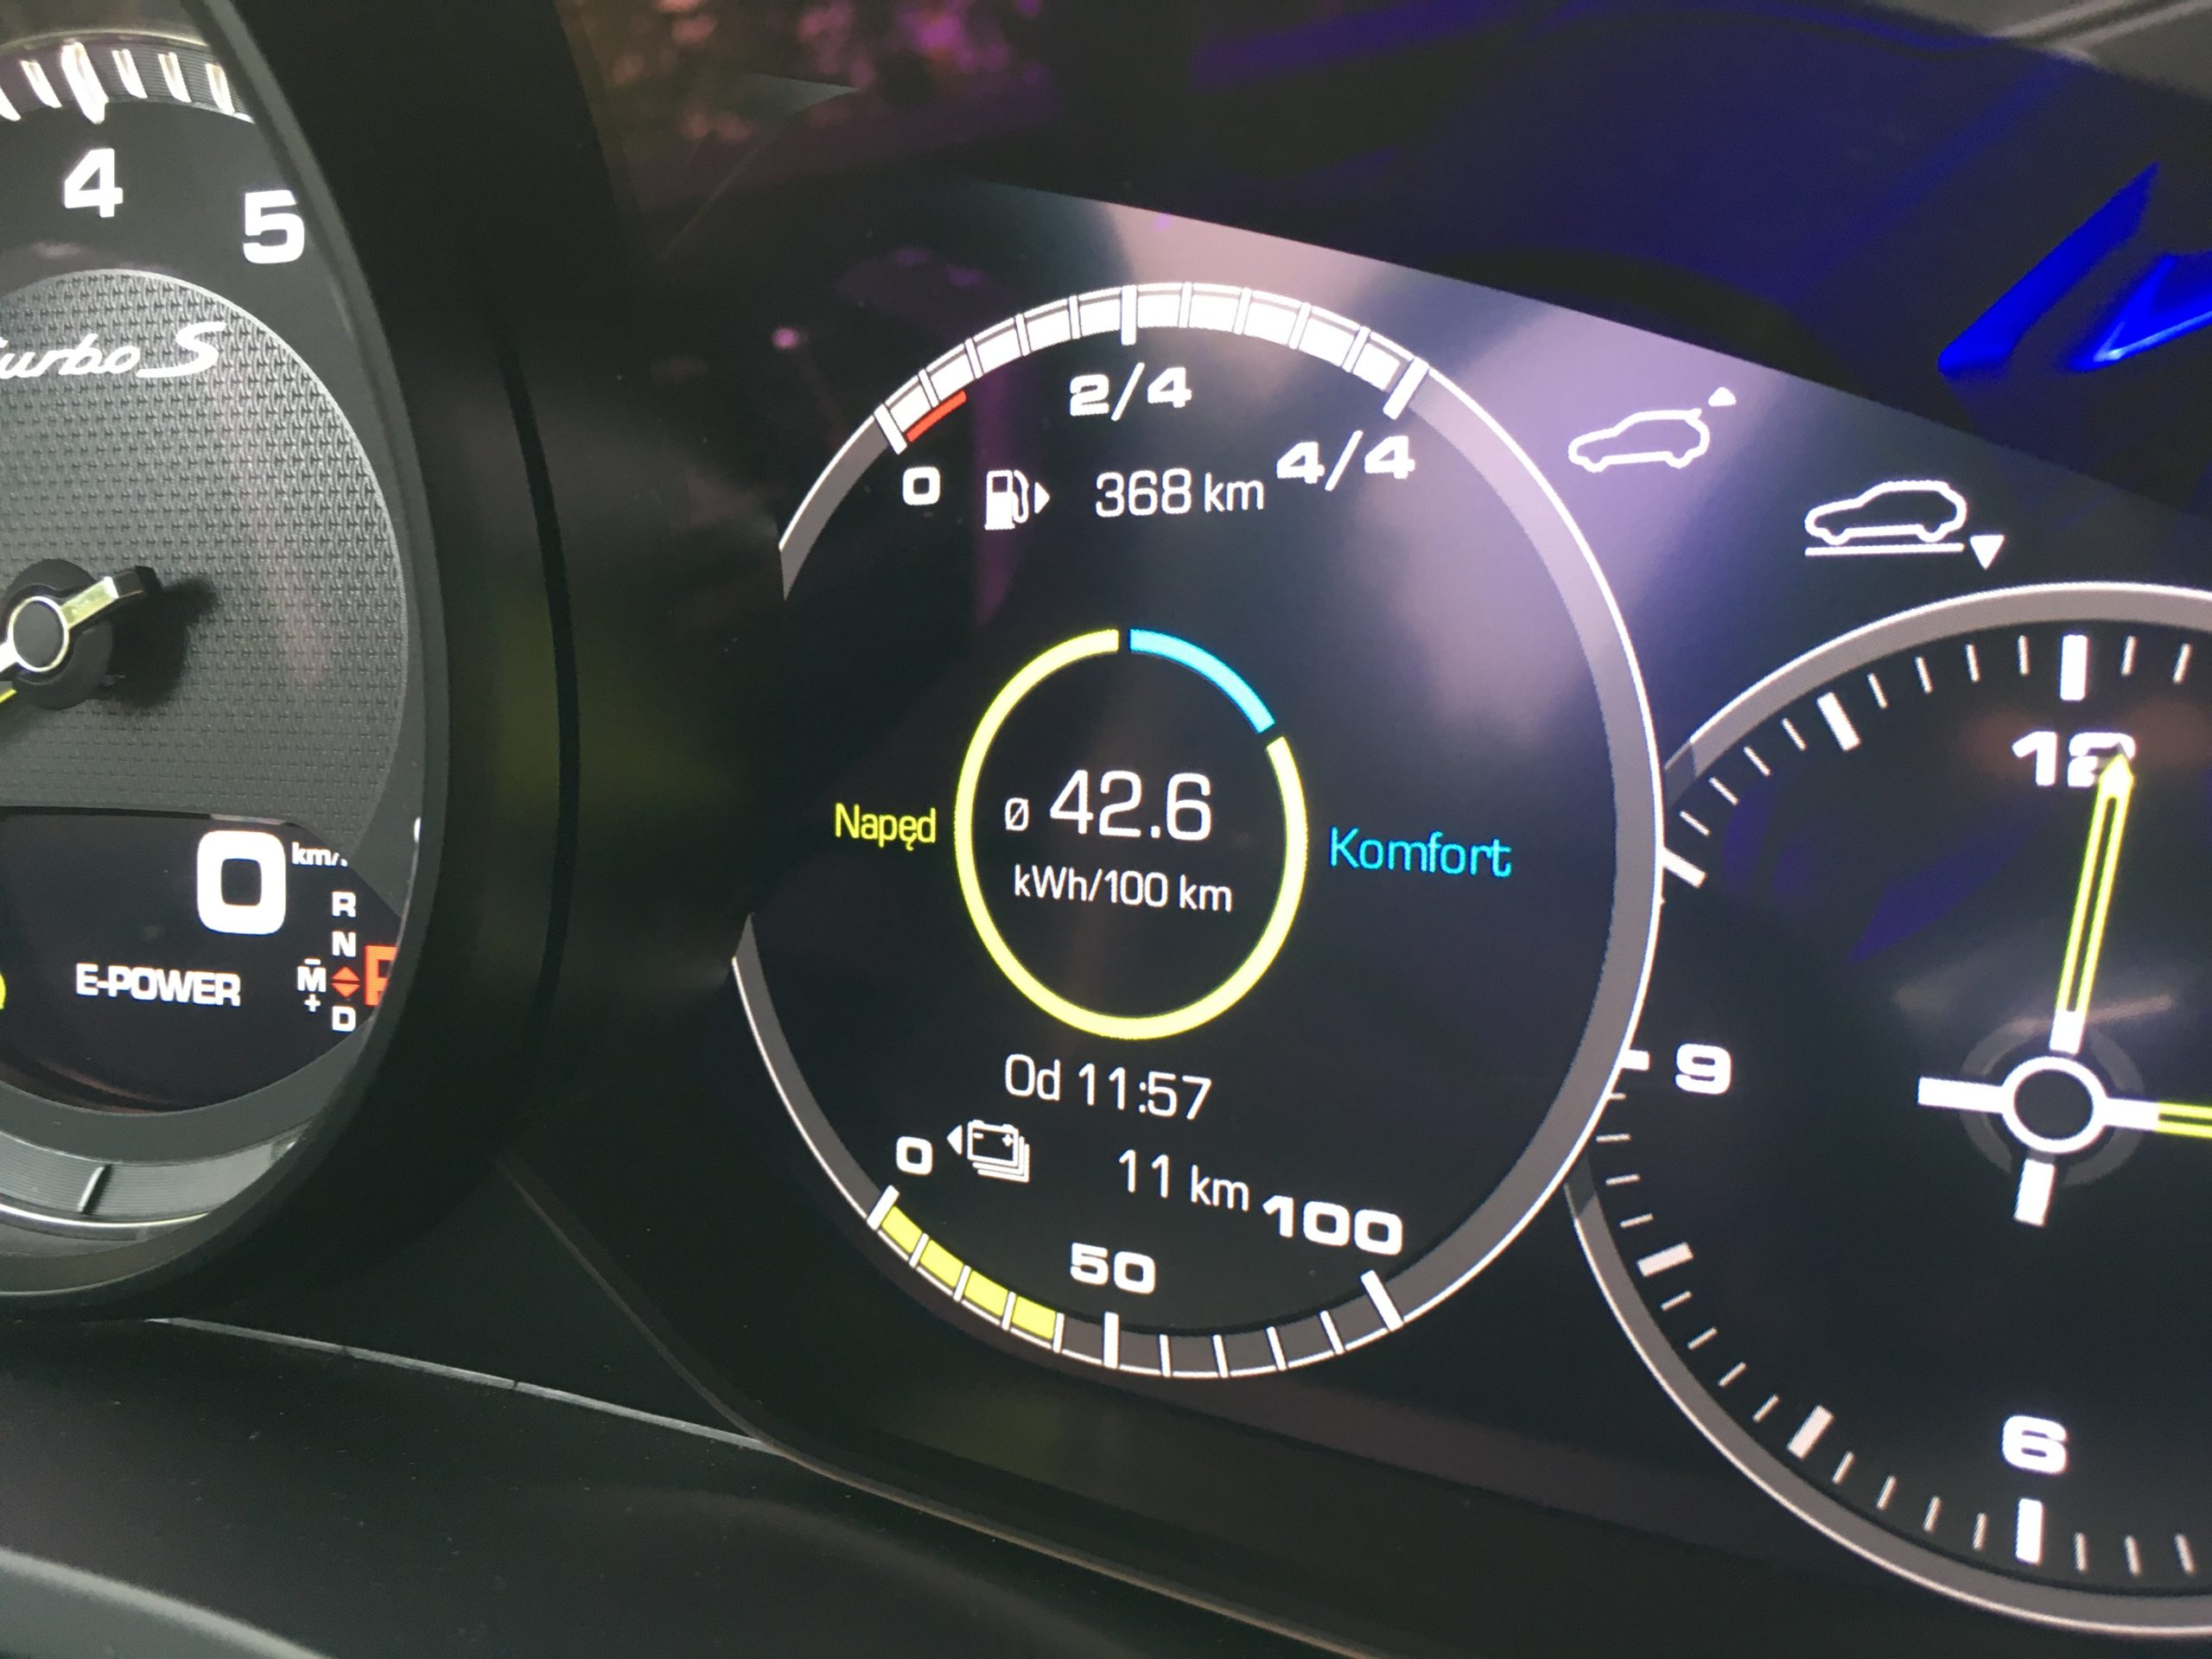 Wskaźniki Porsche Cayenne Turbo S e-hybrid Coupé mogą informować o parametrach jazdy bezemisyjnej